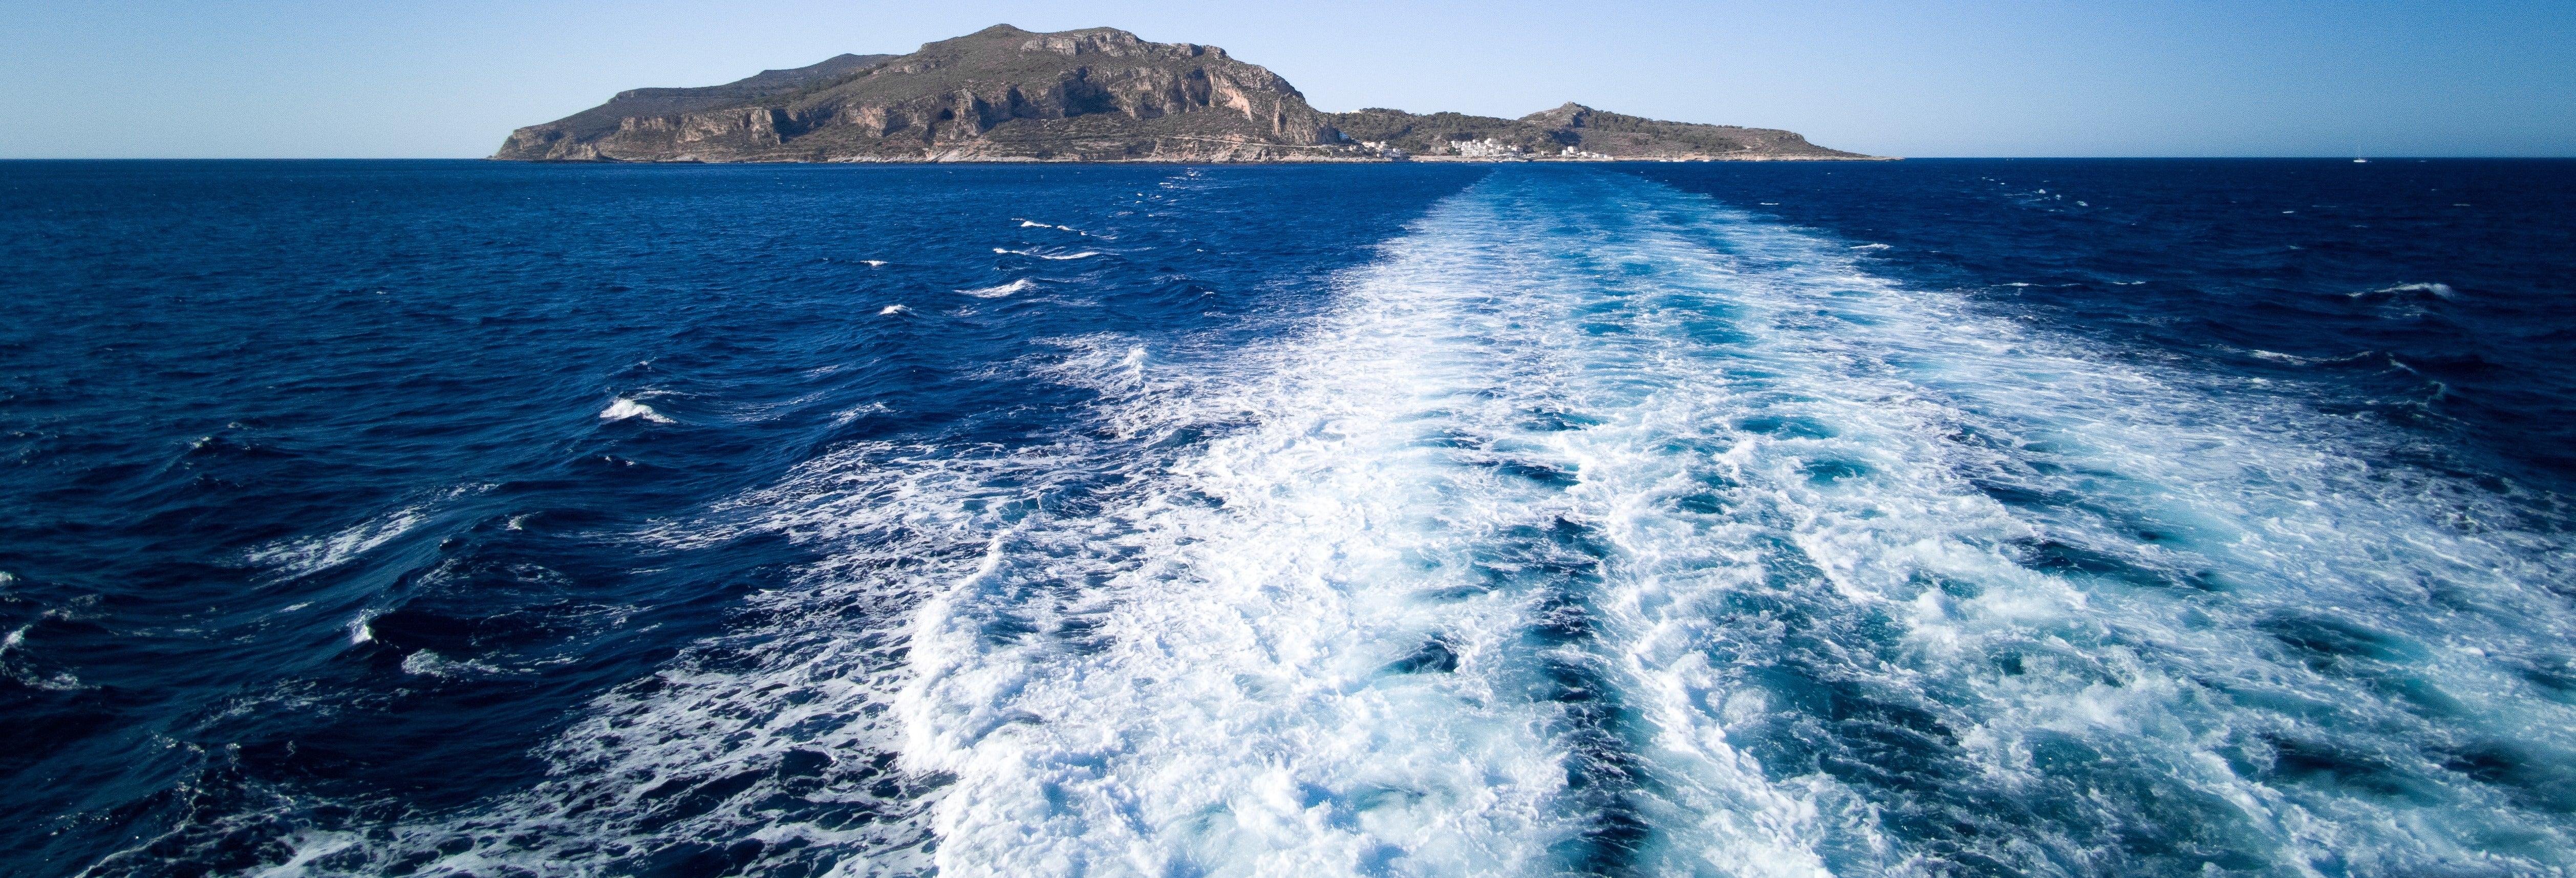 Excursión a Favignana y Levanzo en barco